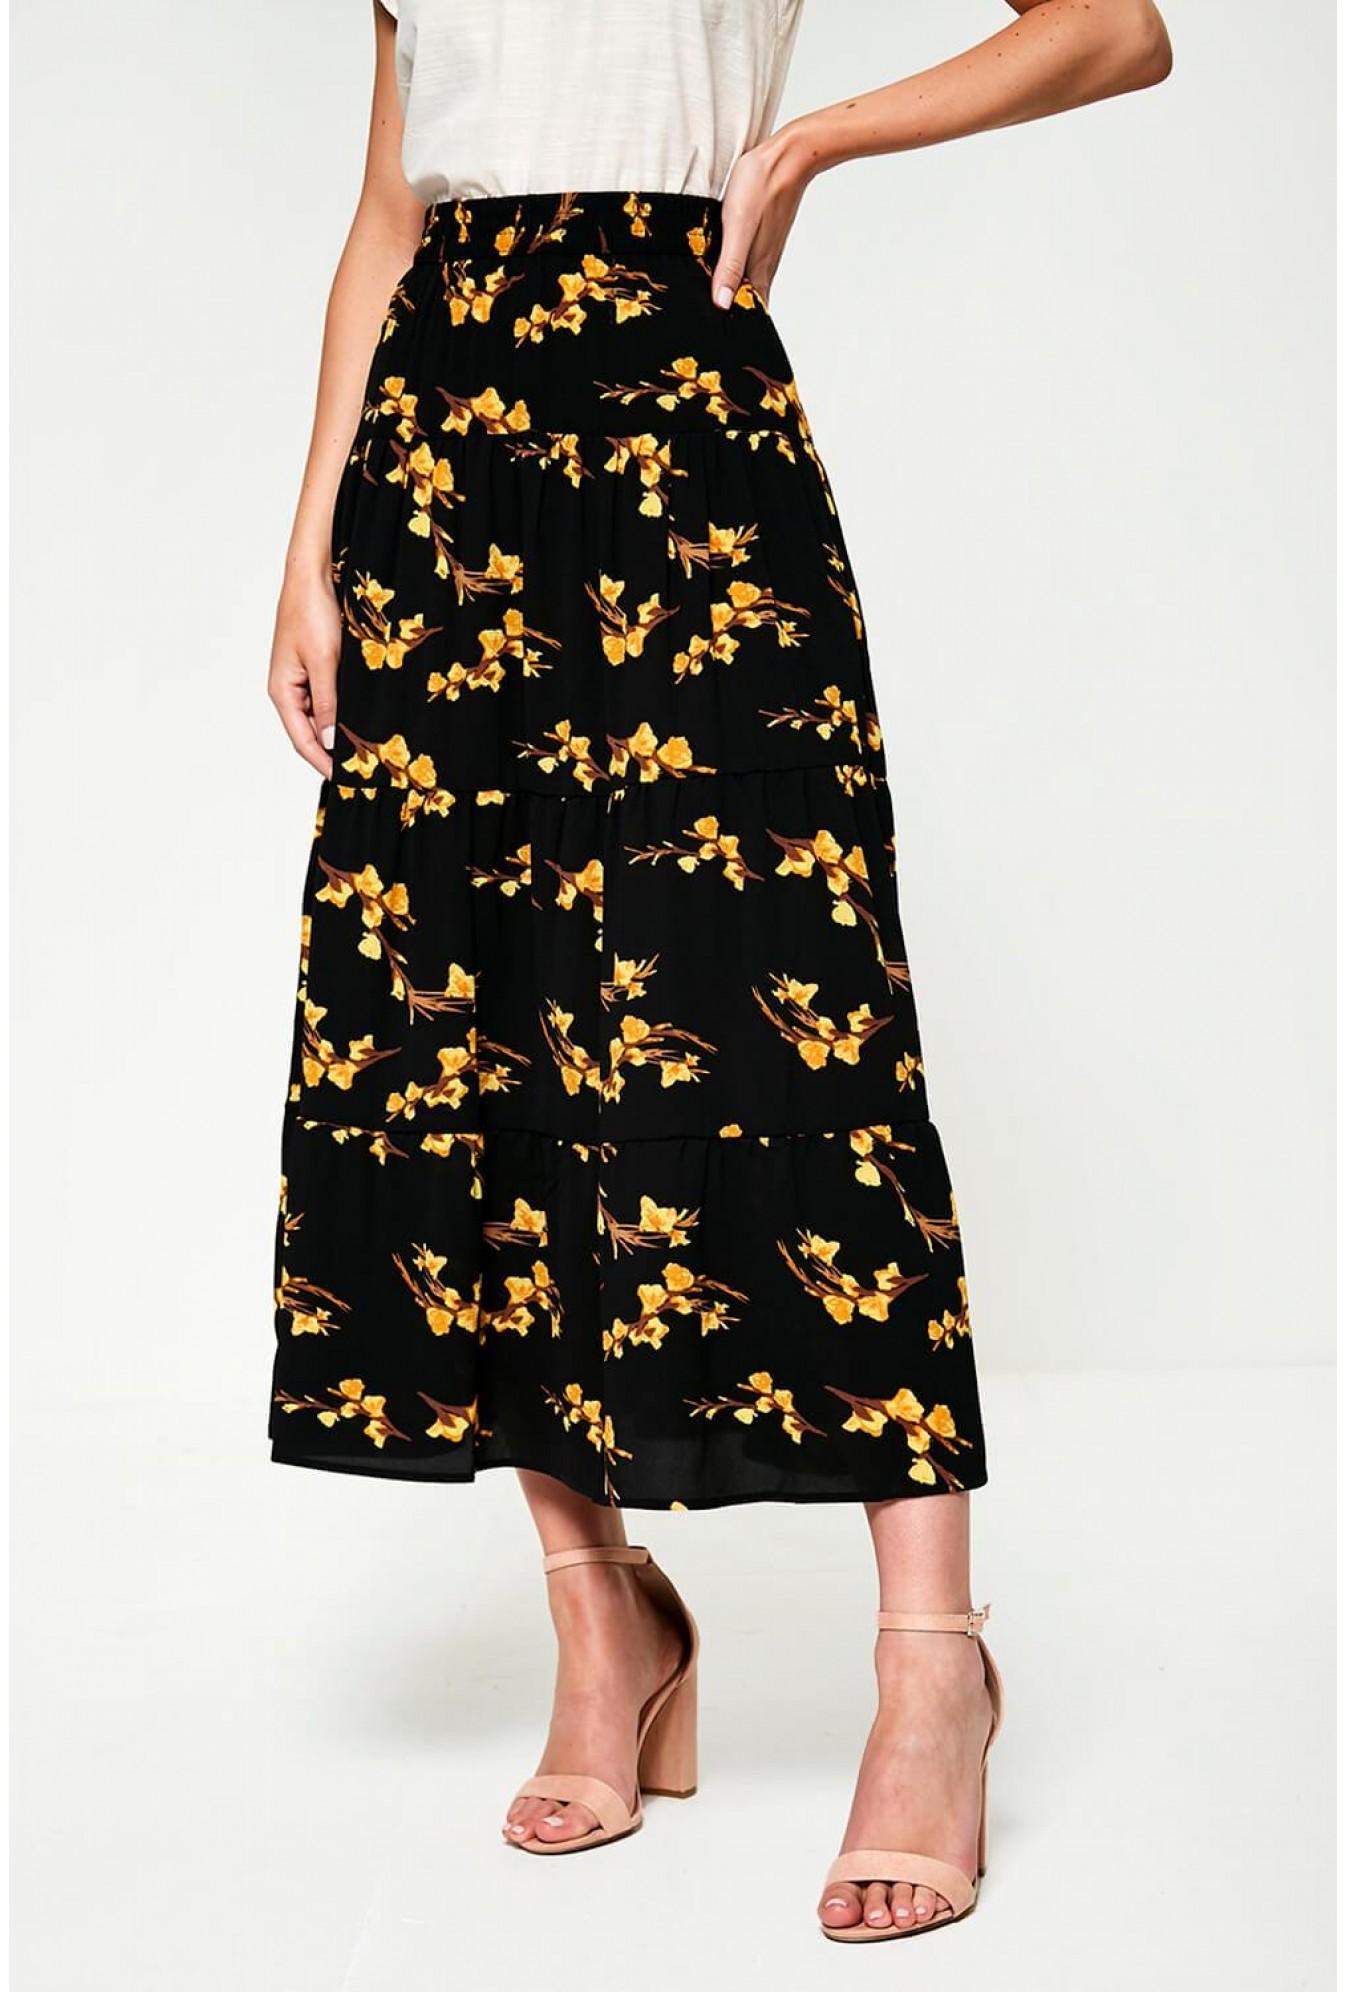 9ec3645fa9 More Views. Saga High Waist Skirt In Black Floral Print